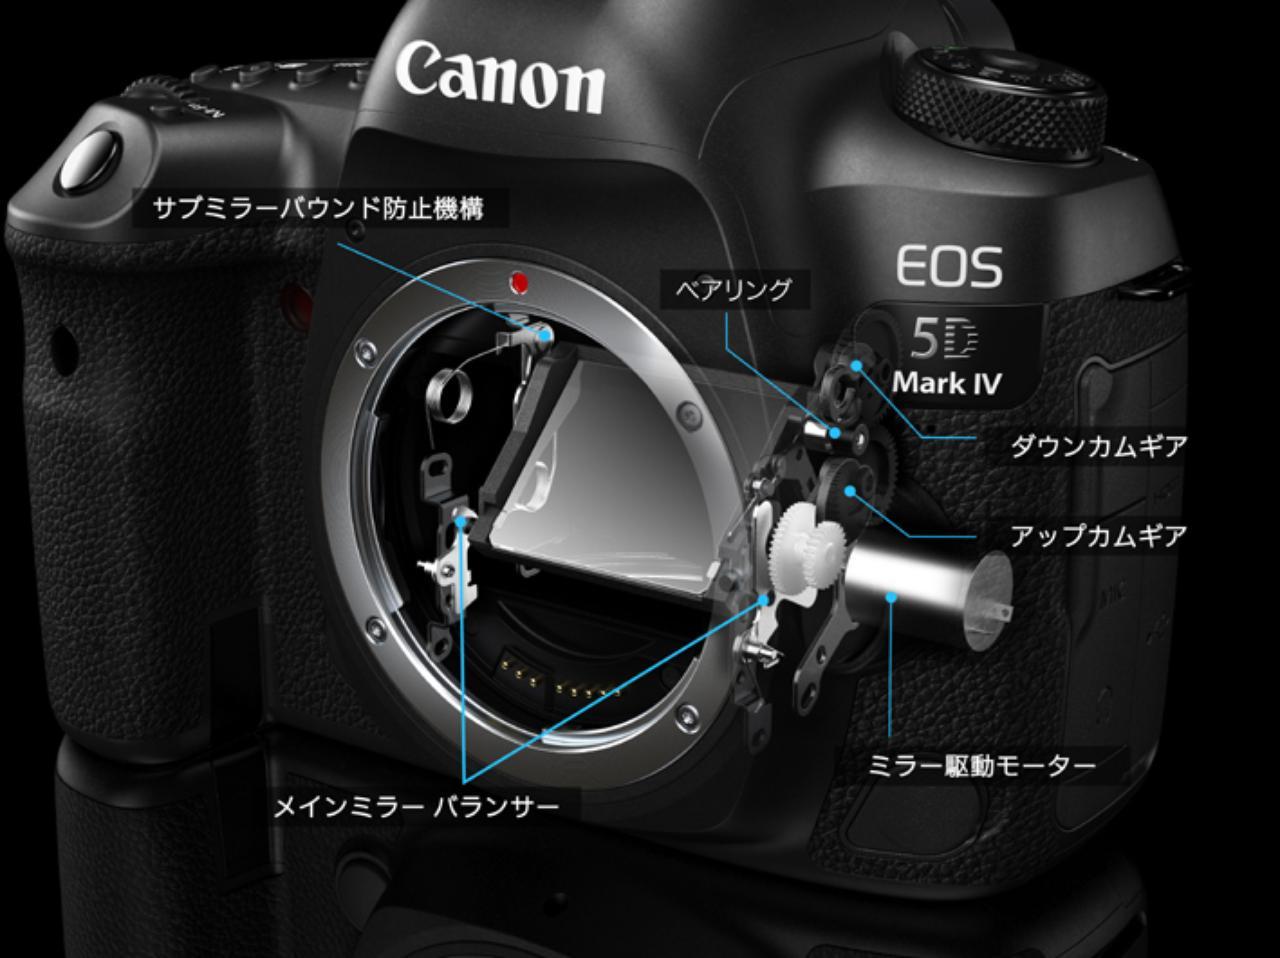 画像: 有効画素数約3040万画素でありながら、シャッターユニットを新規開発して約7コマ/秒の高速連続撮影を可能にし、さらにミラーショックの低減も両立させている。